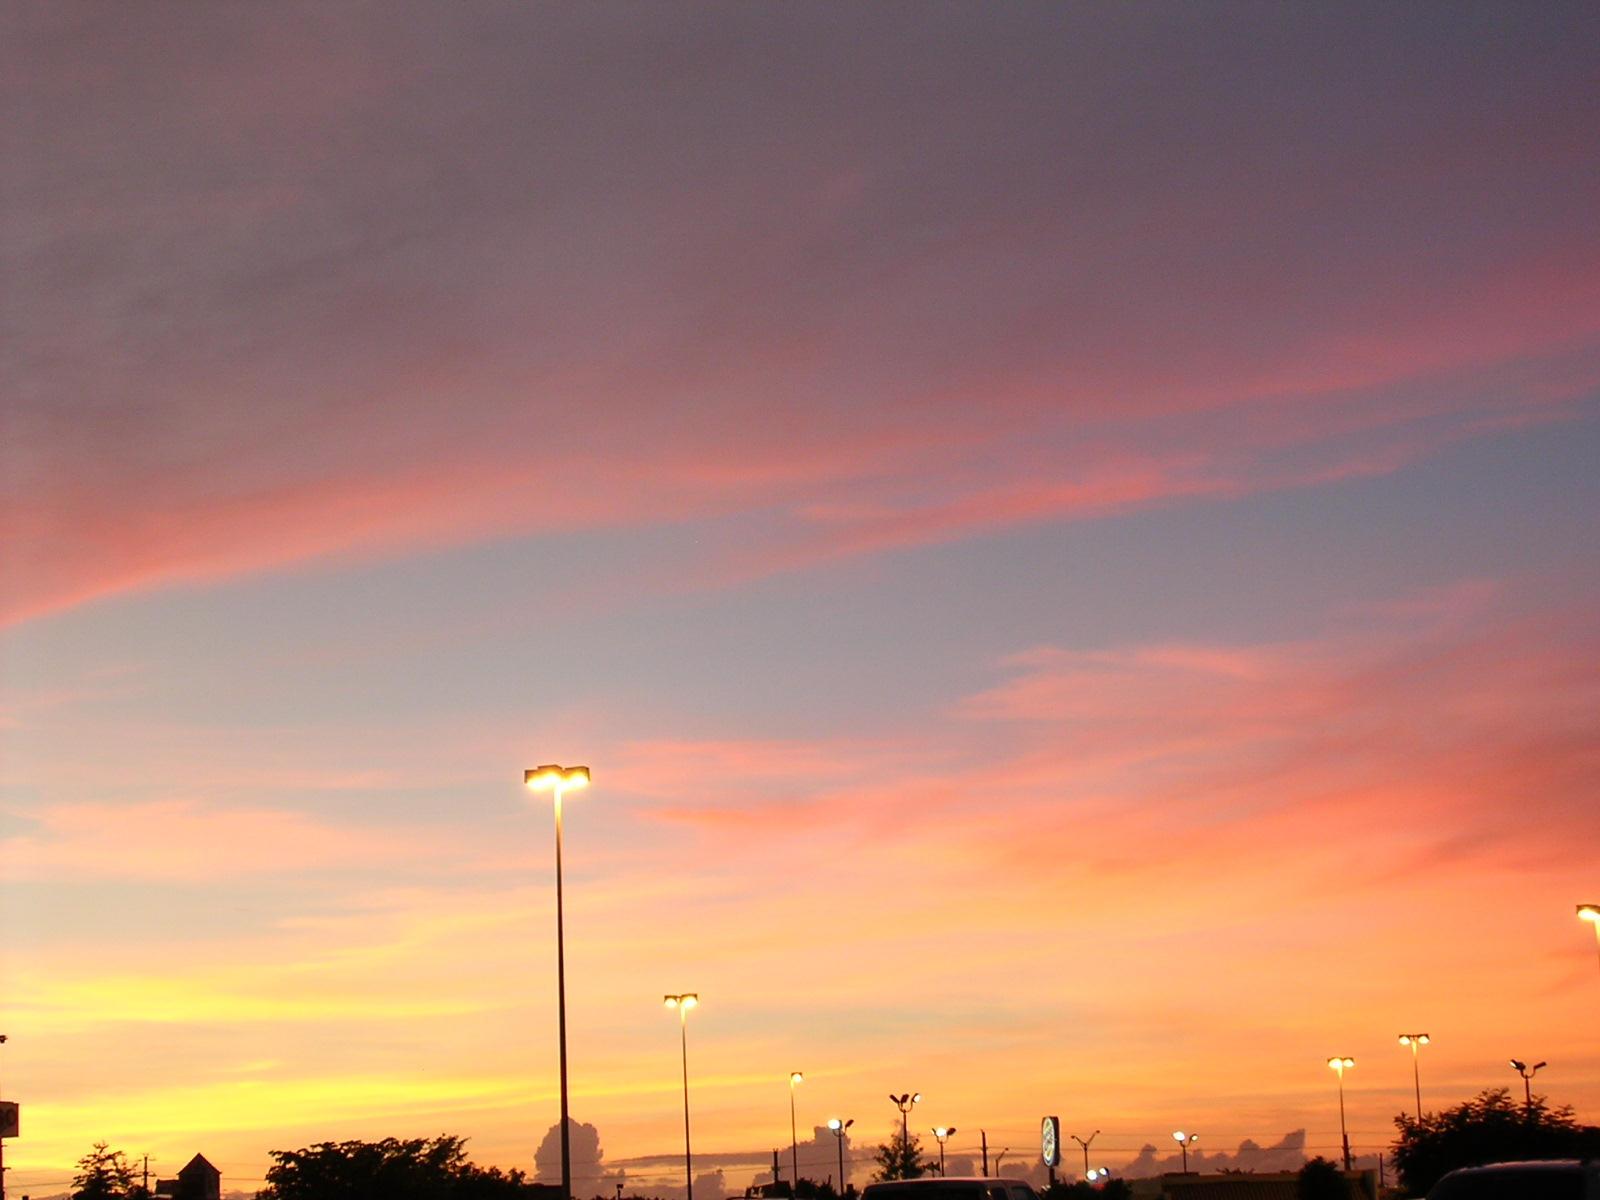 Sunset Mall by osoroco